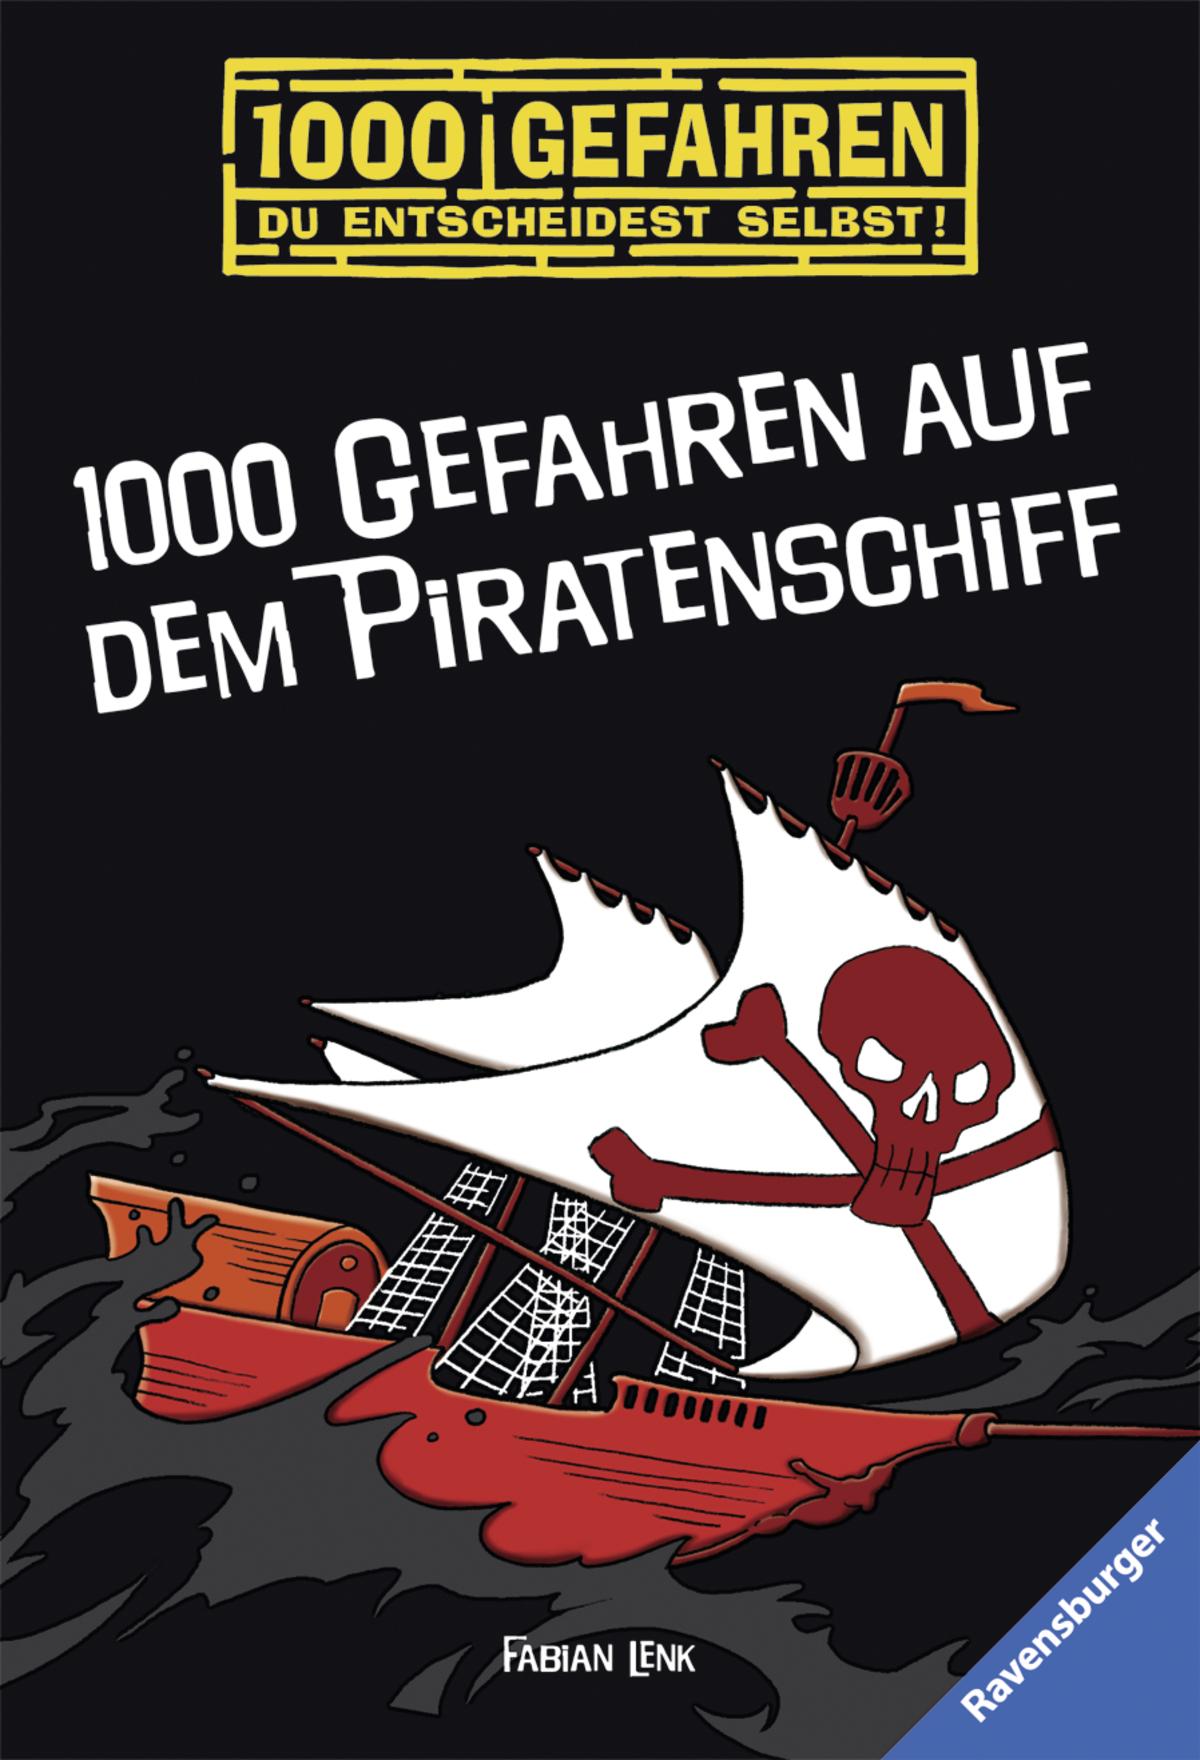 1000 Gefahren auf dem Piratenschiff Fabian Lenk 1000 Gefahren Ravensburger Tas.. - Greven, Deutschland - 1000 Gefahren auf dem Piratenschiff Fabian Lenk 1000 Gefahren Ravensburger Tas.. - Greven, Deutschland